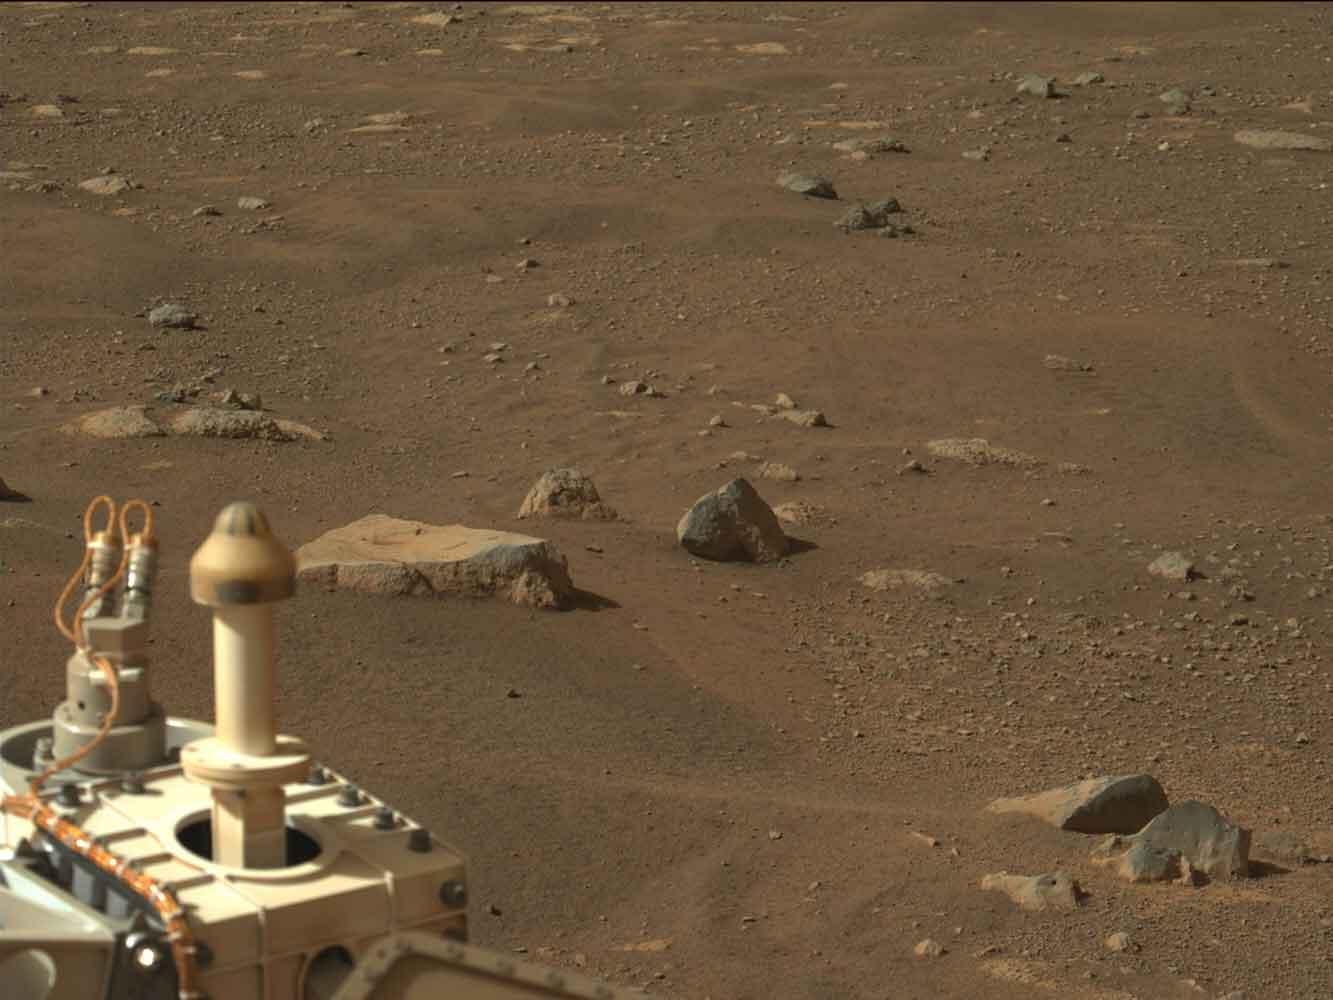 So schaut es wirklich auf dem Mars aus - Kleine Kinderzeitung - Kleine Zeitung